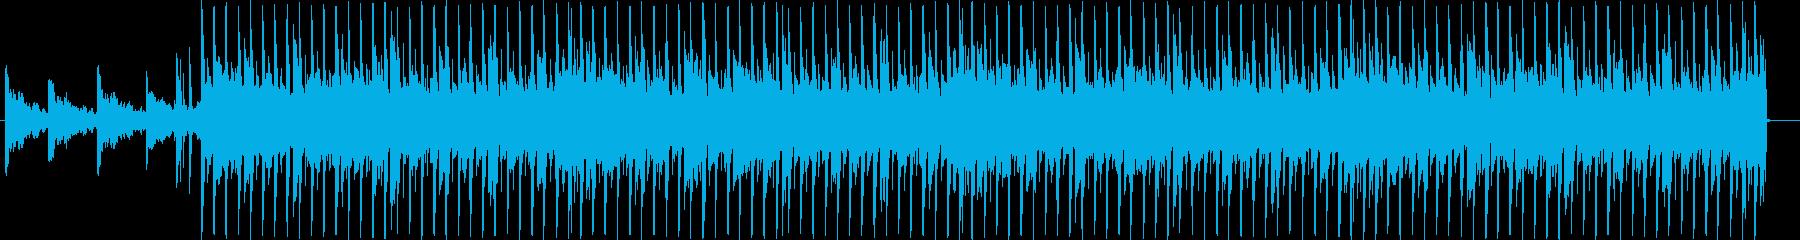 シティポップ 軽快 動画に使いやすいの再生済みの波形